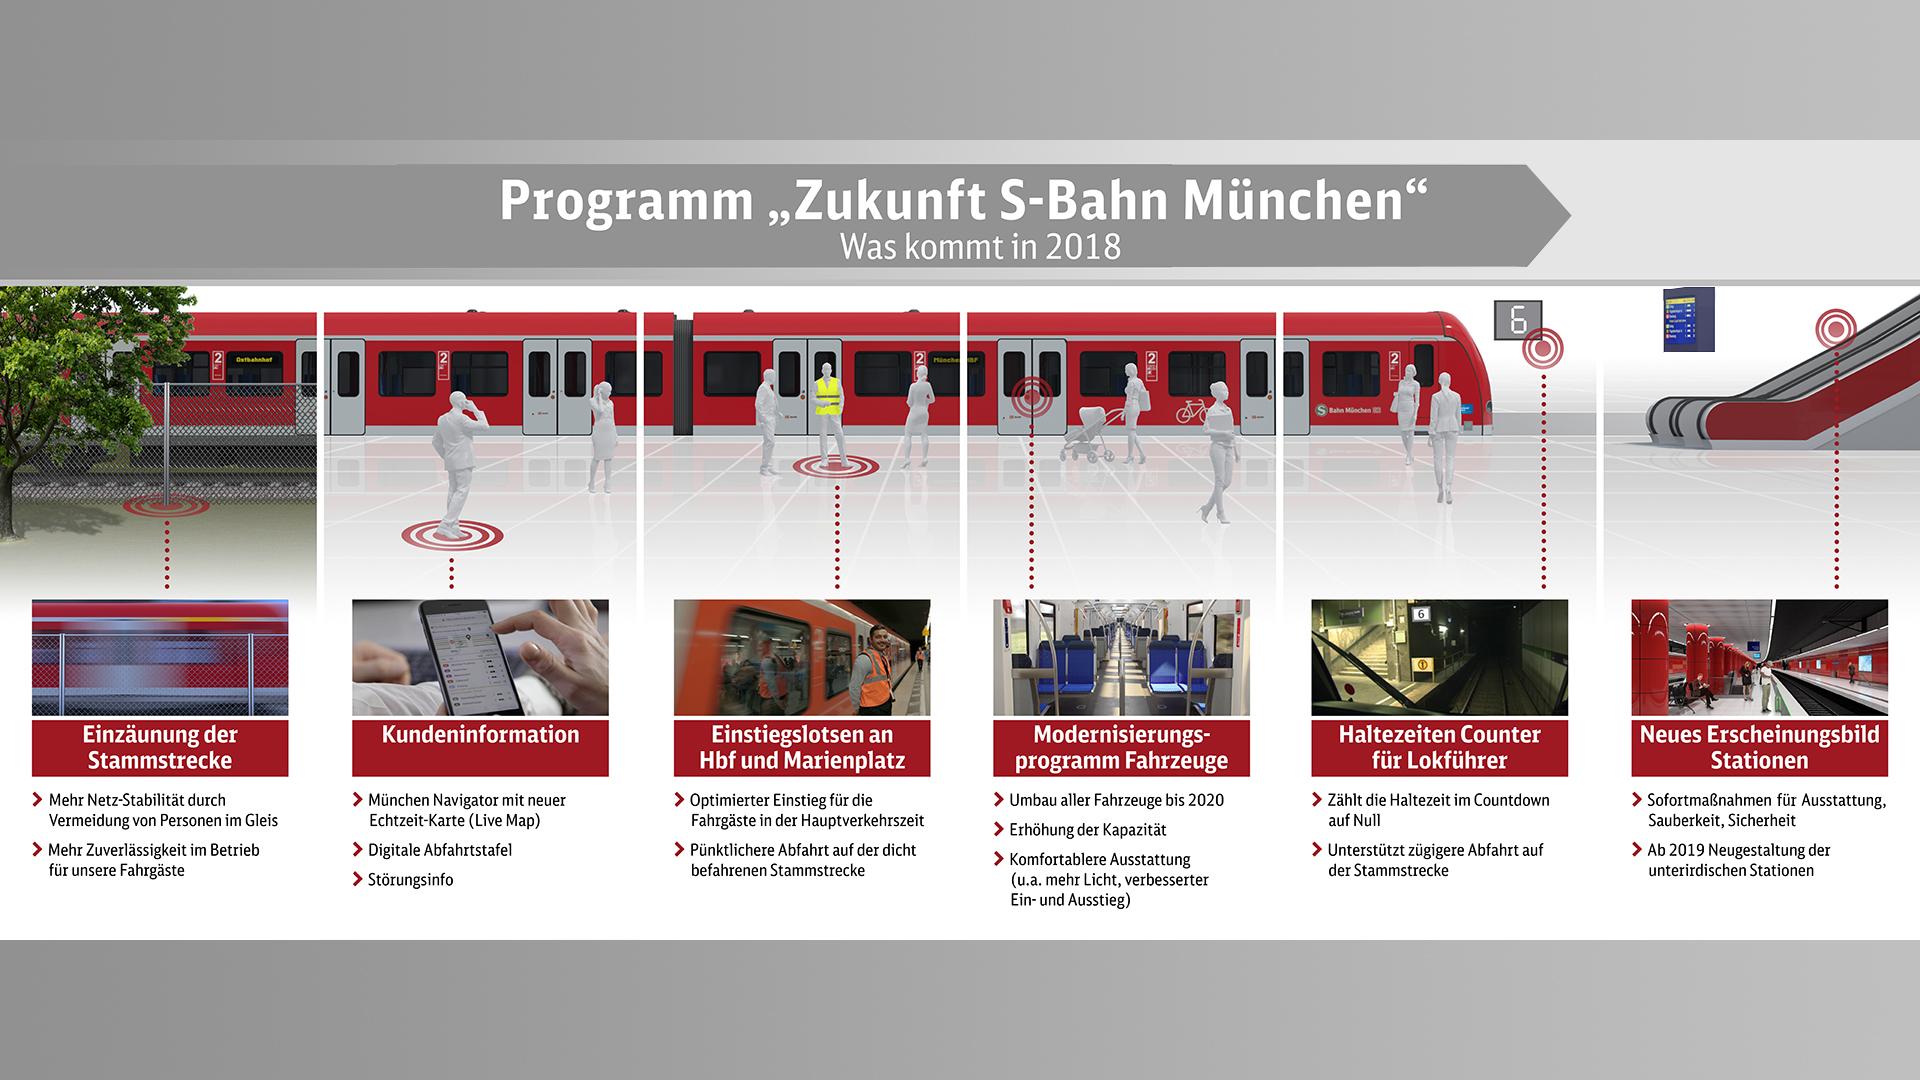 S-Bahn München Zukunft